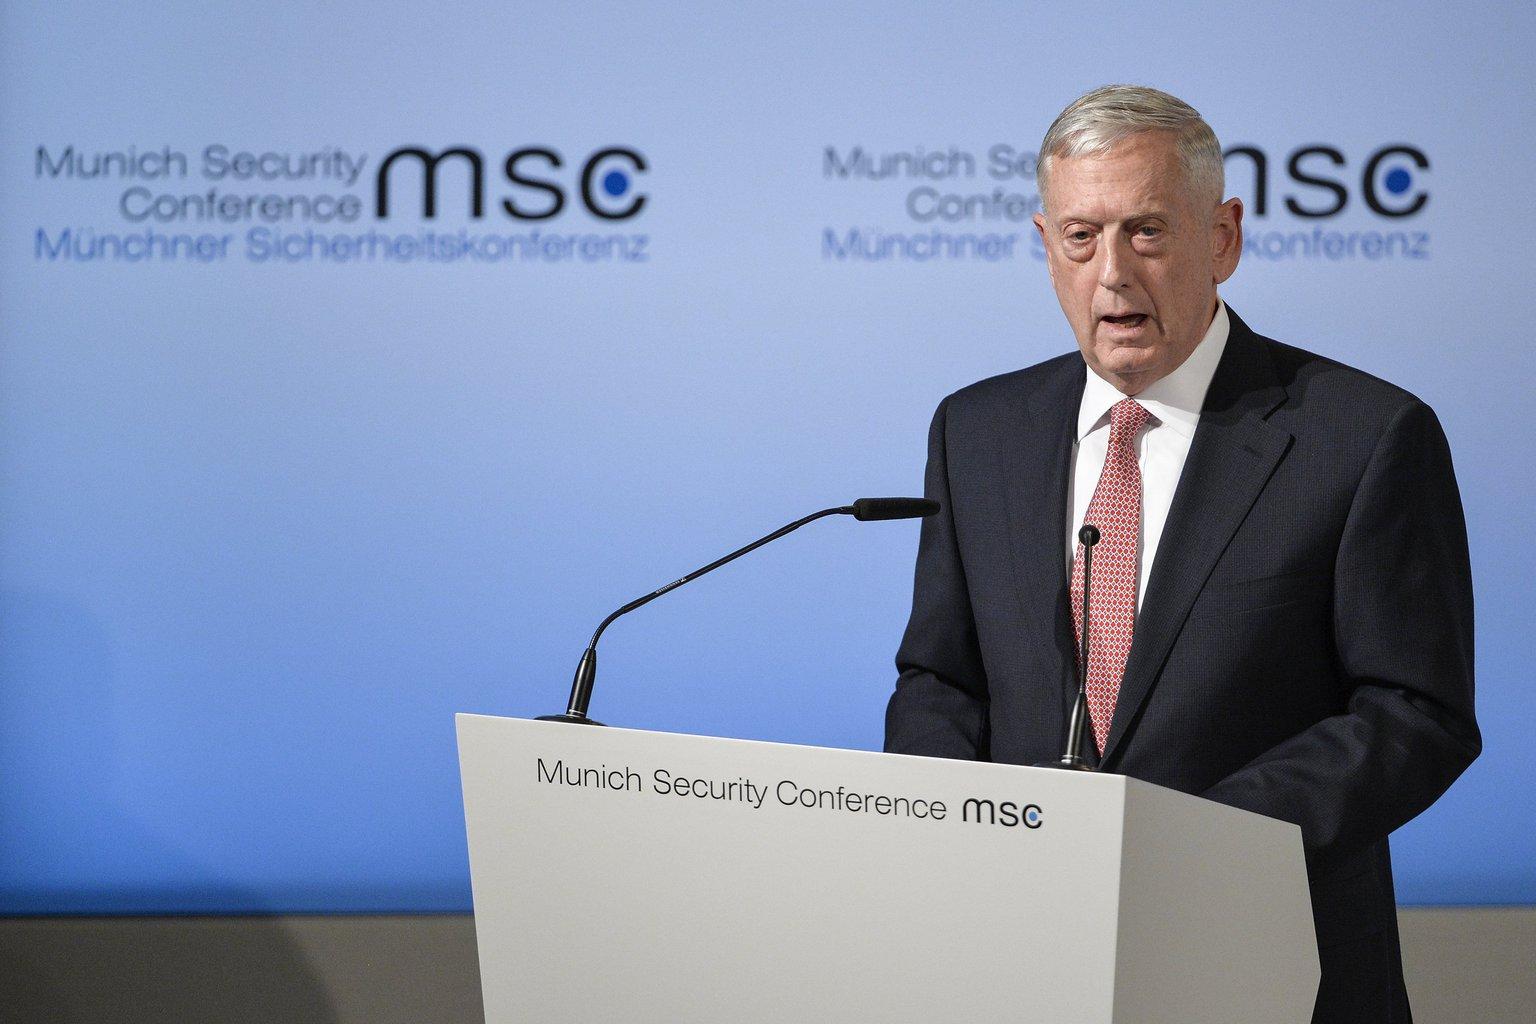 James Mattis, amerikai védelmi miniszter felszólal az 53. alkalommal megrendezett háromnapos müncheni biztonságpolitikai tanácskozás nyitónapján, 2017. február 17-én (Fotó: MTI/EPA/Philipp Guelland)